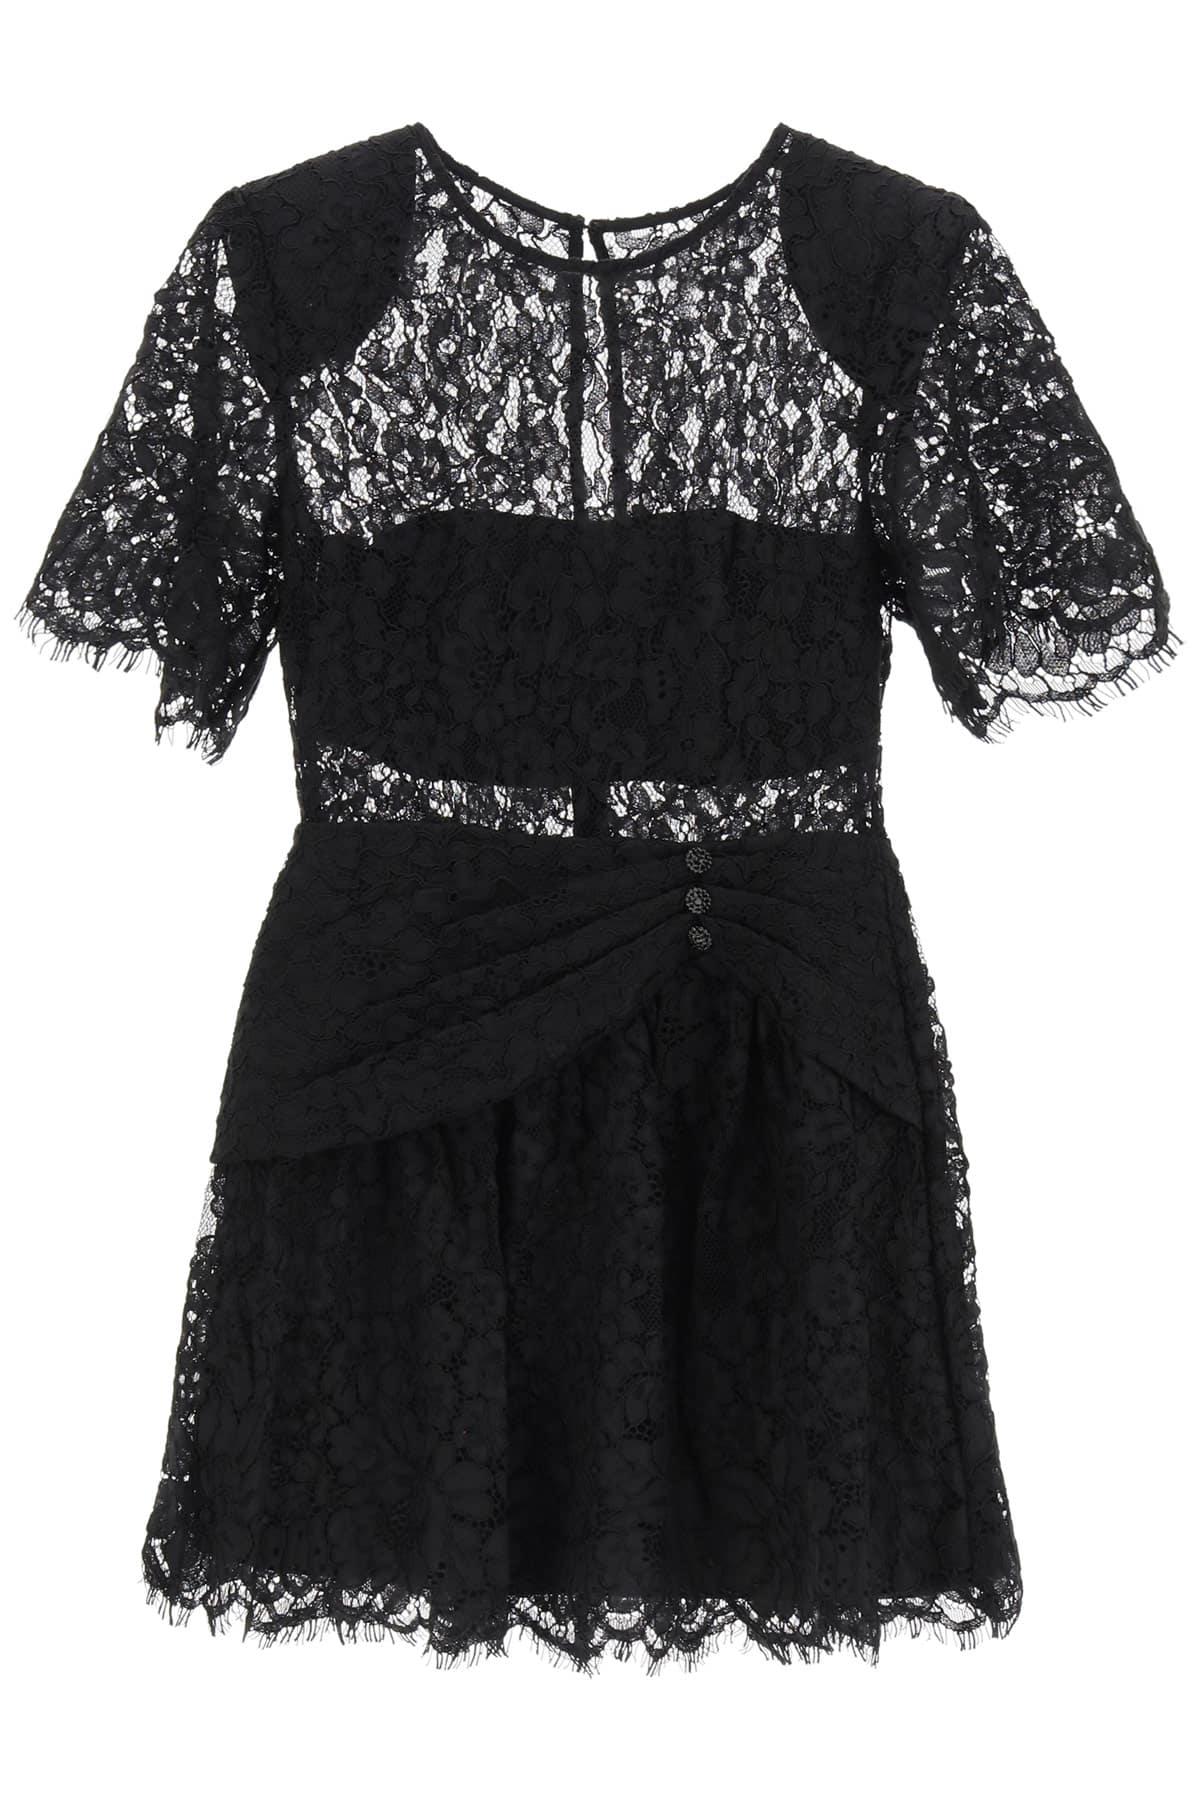 SELF PORTRAIT LACE MINI DRESS 10 Black Cotton